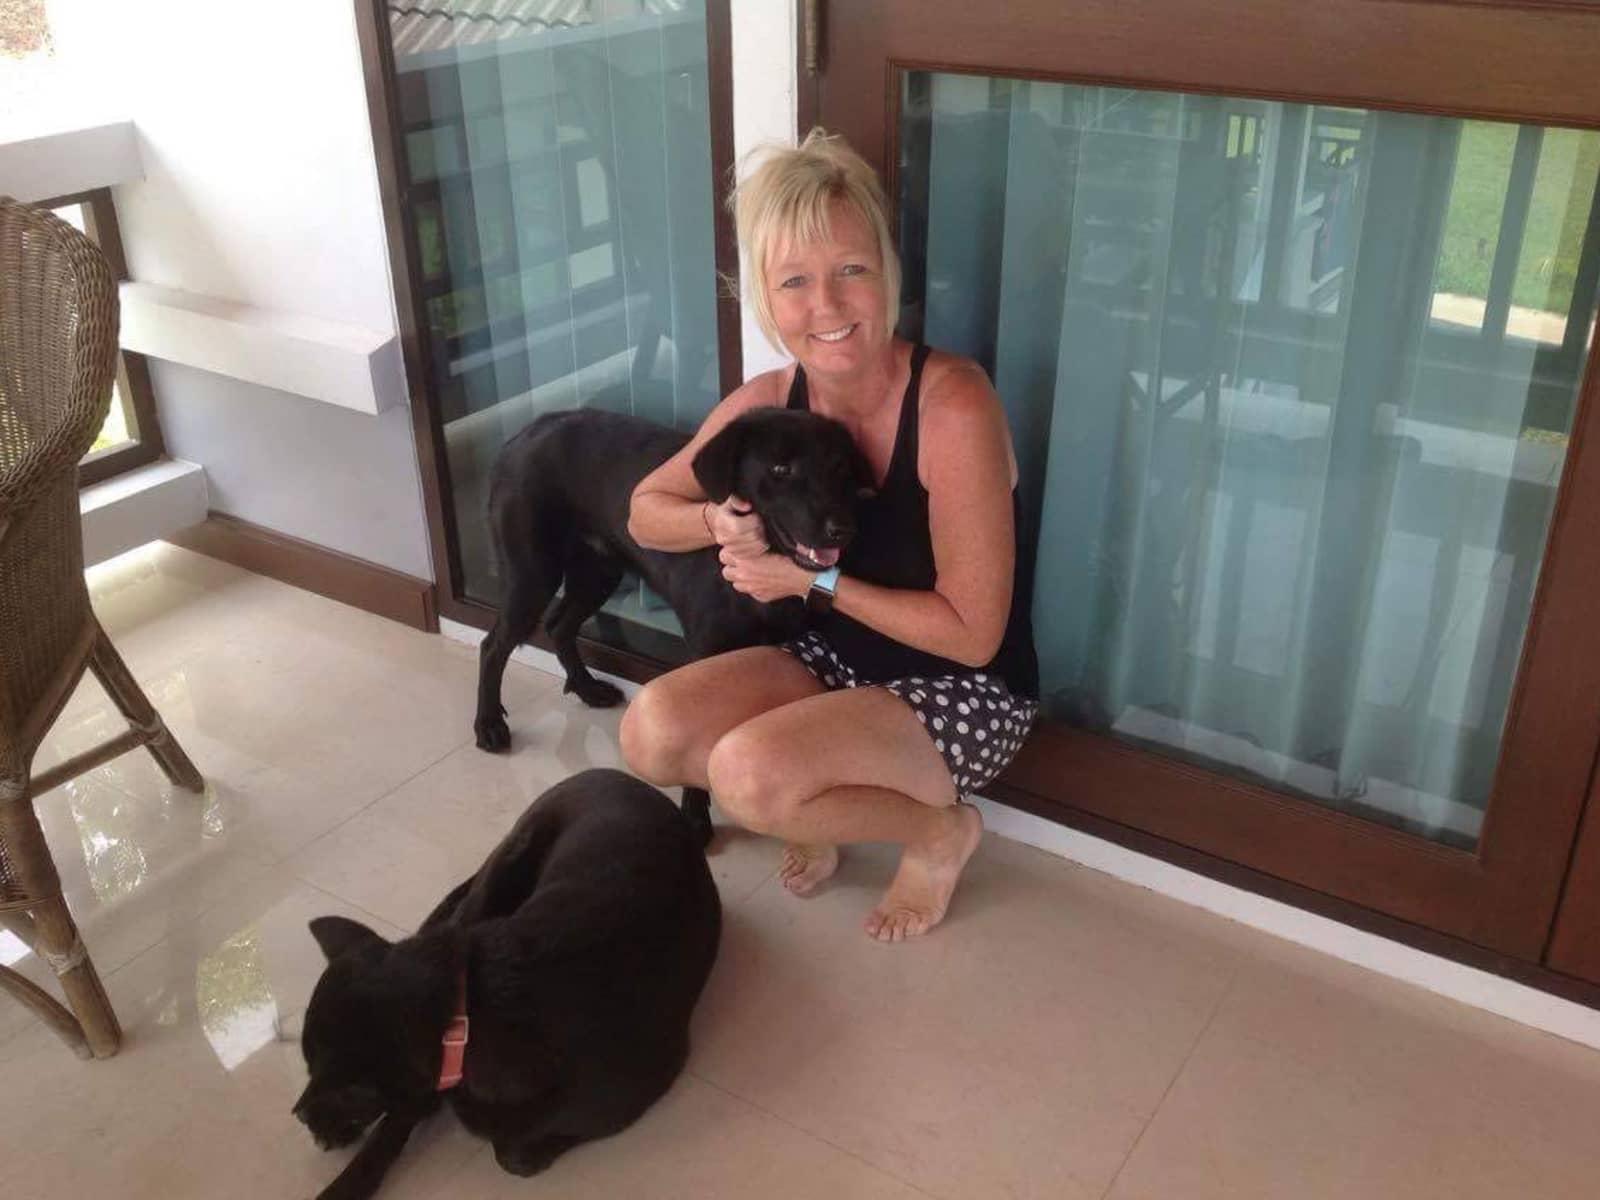 Deborah from Ko Samui, Thailand